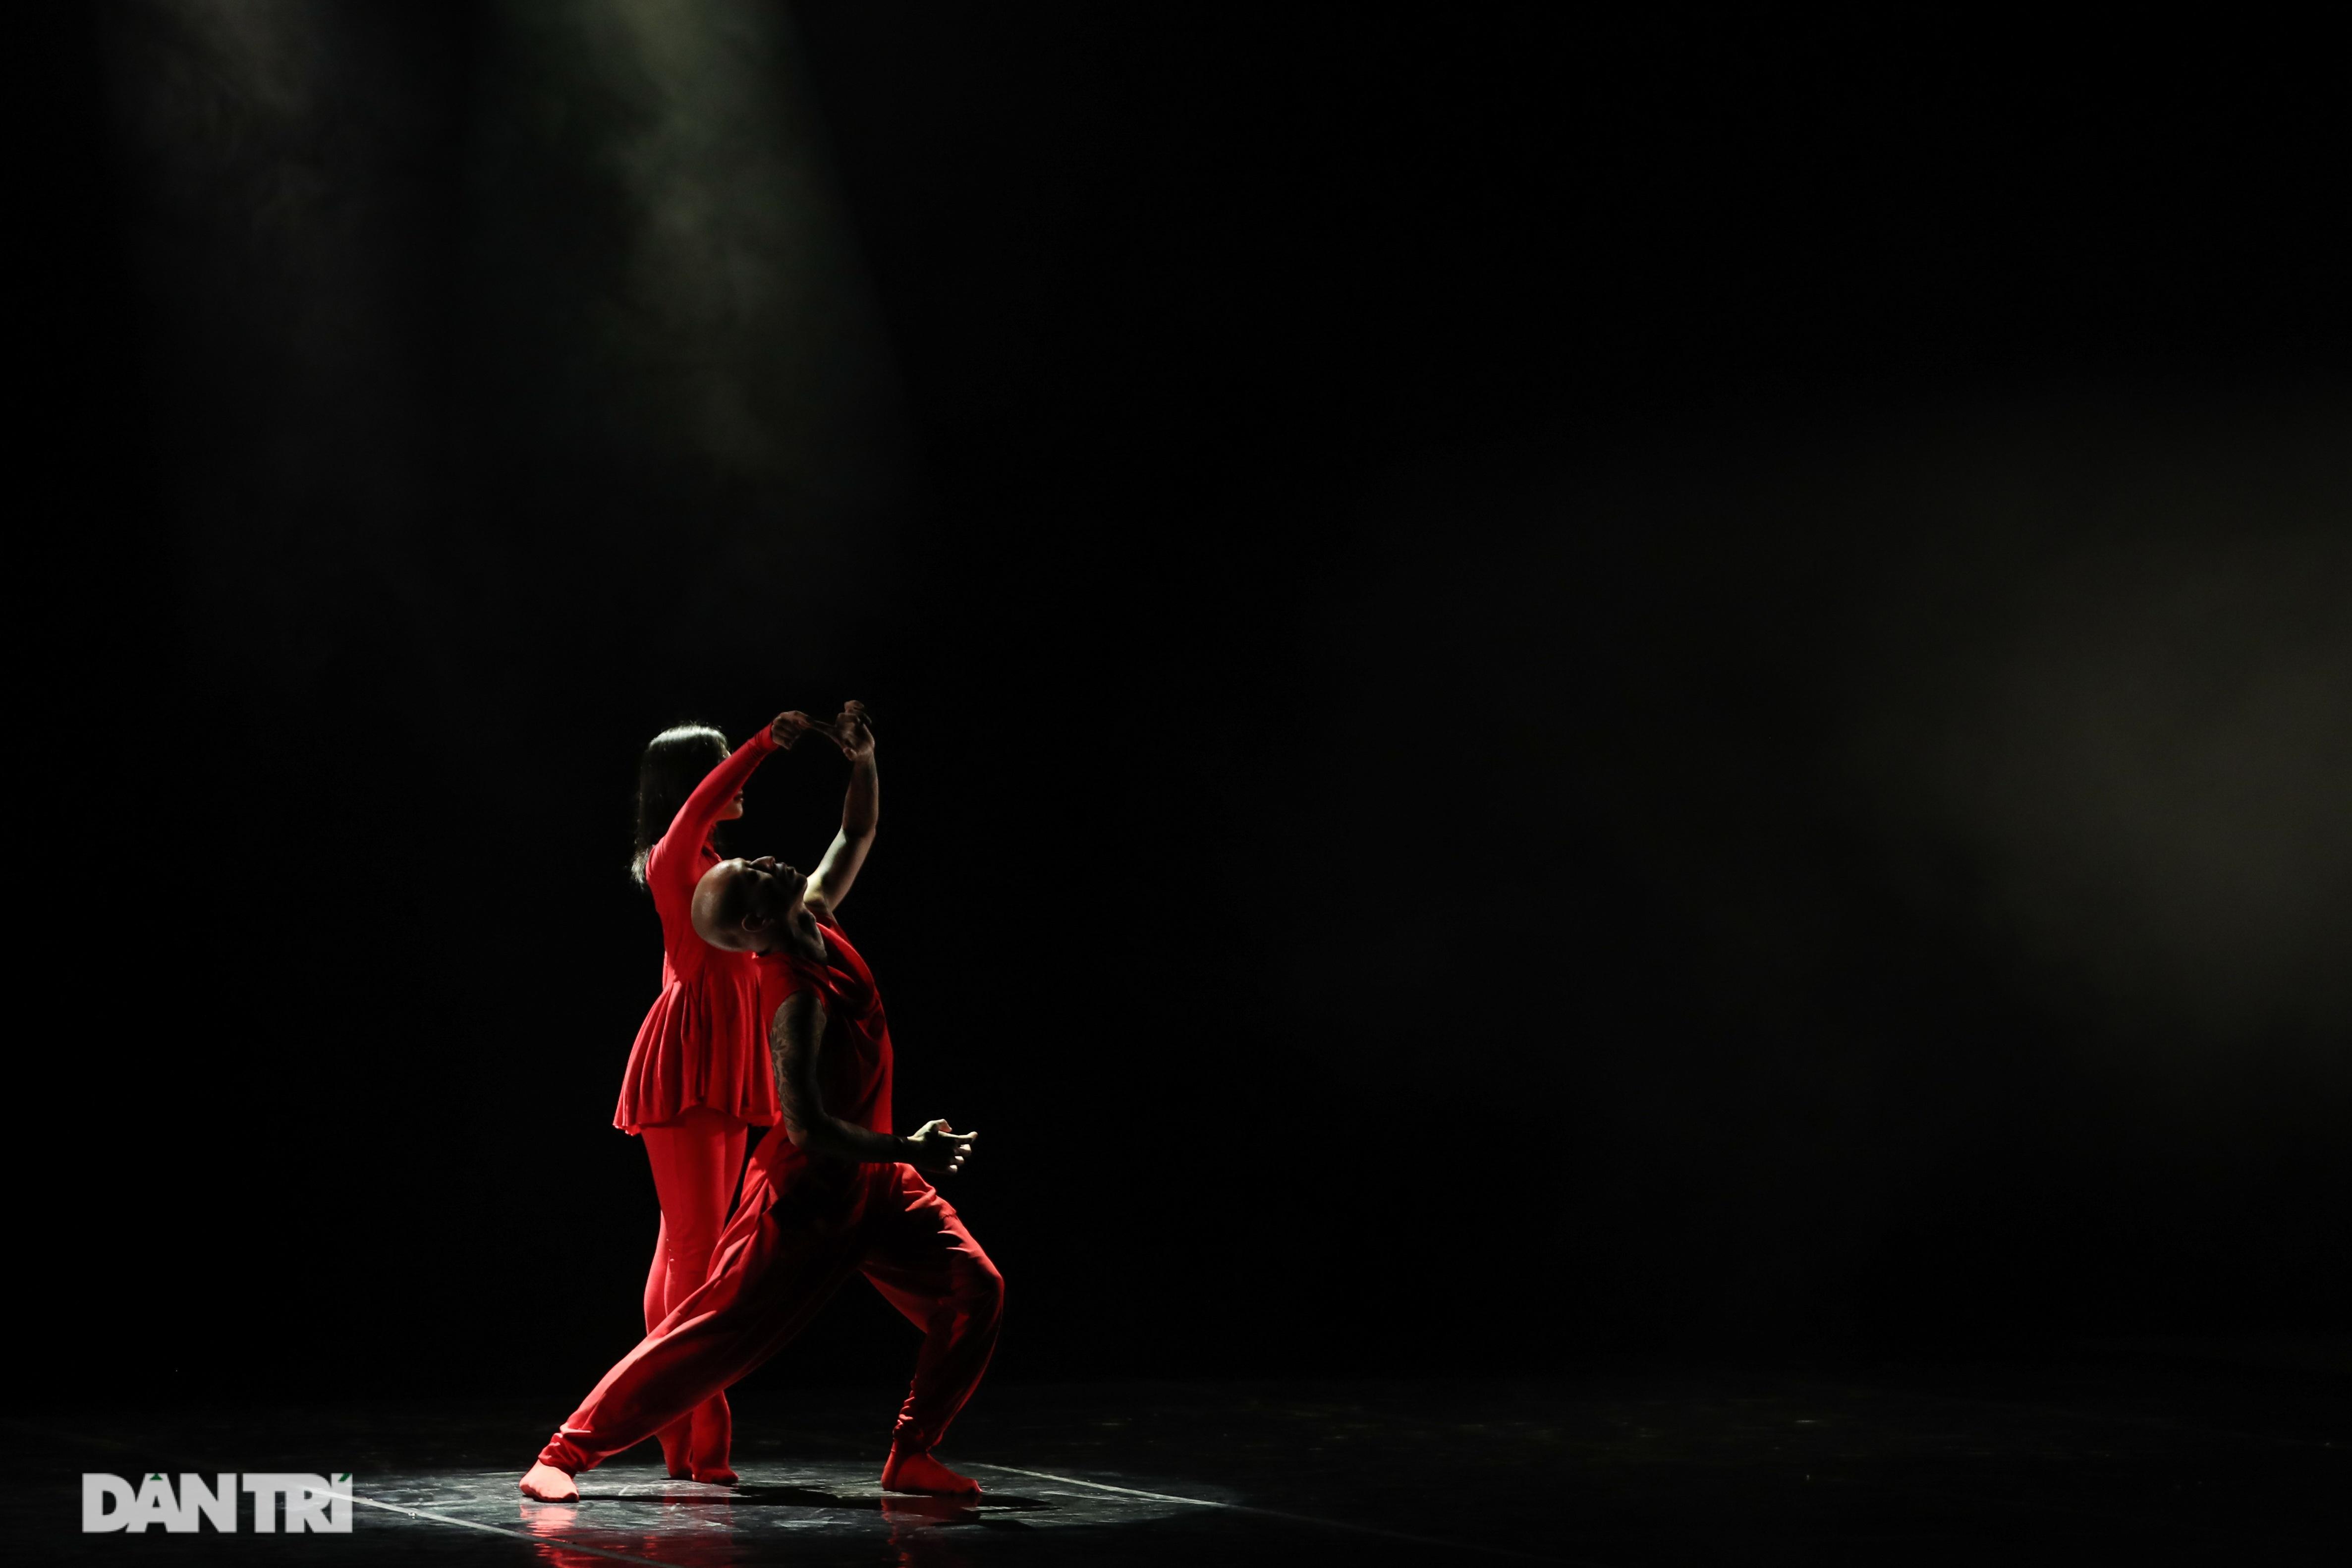 Khoảnh khắc mê hồn tại cuộc thi Tài năng biểu diễn múa - 23